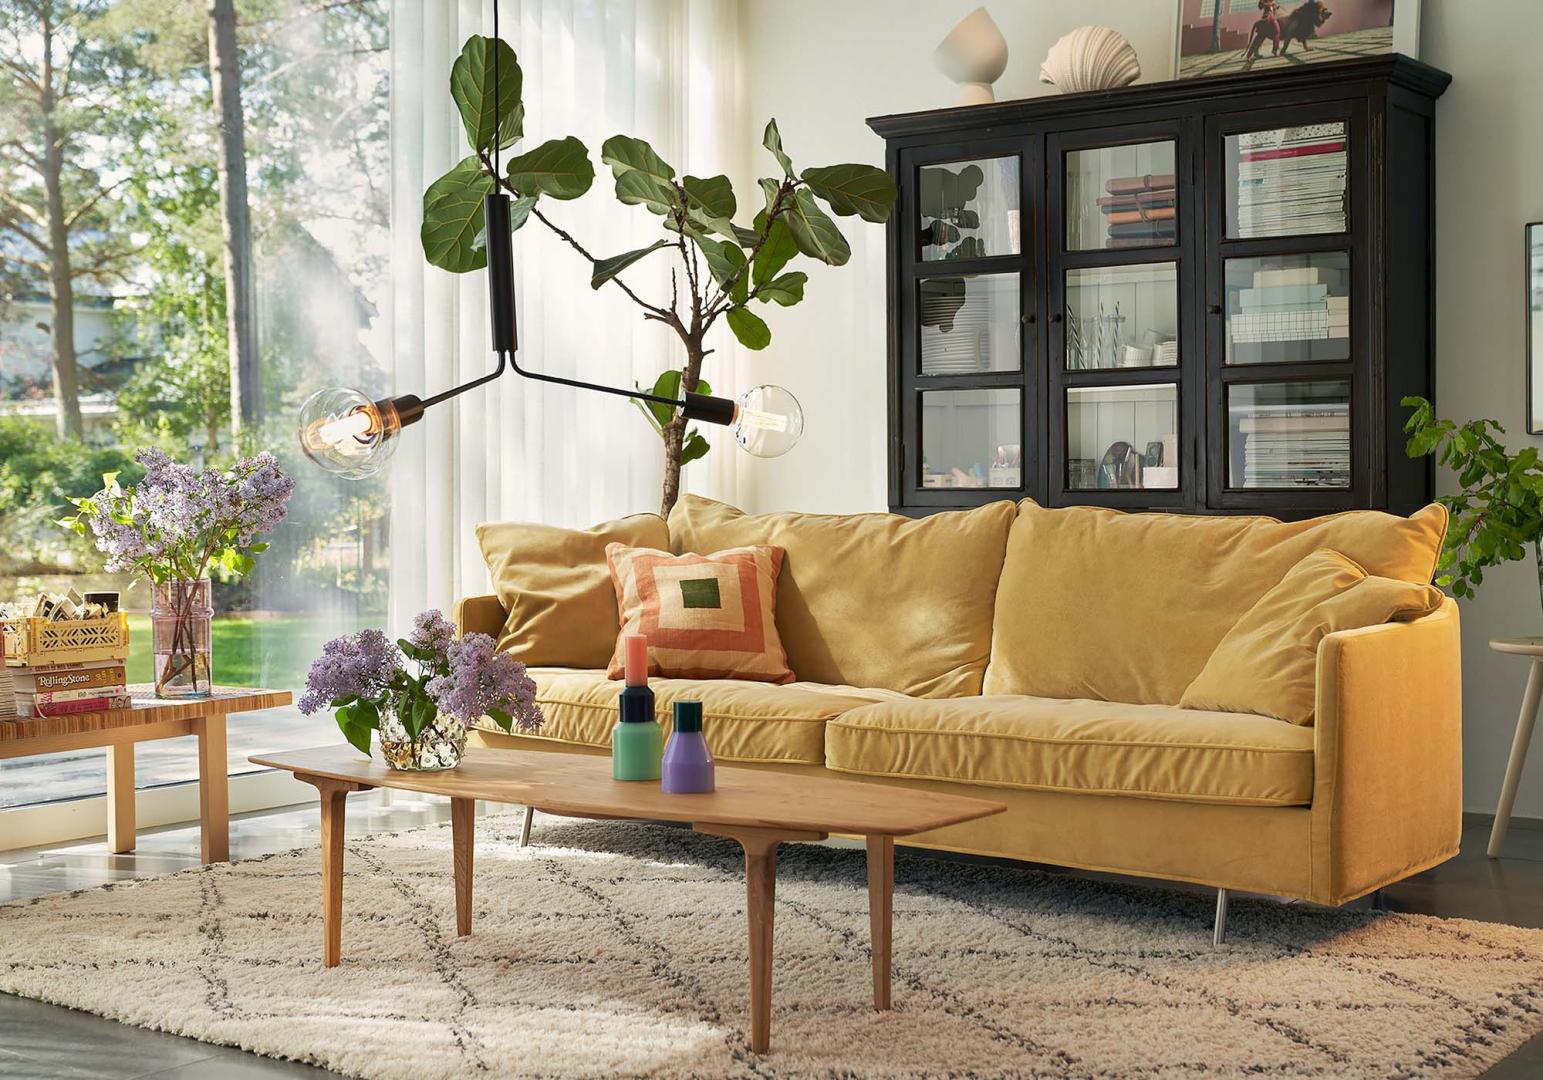 Canapé Julia design - SITS